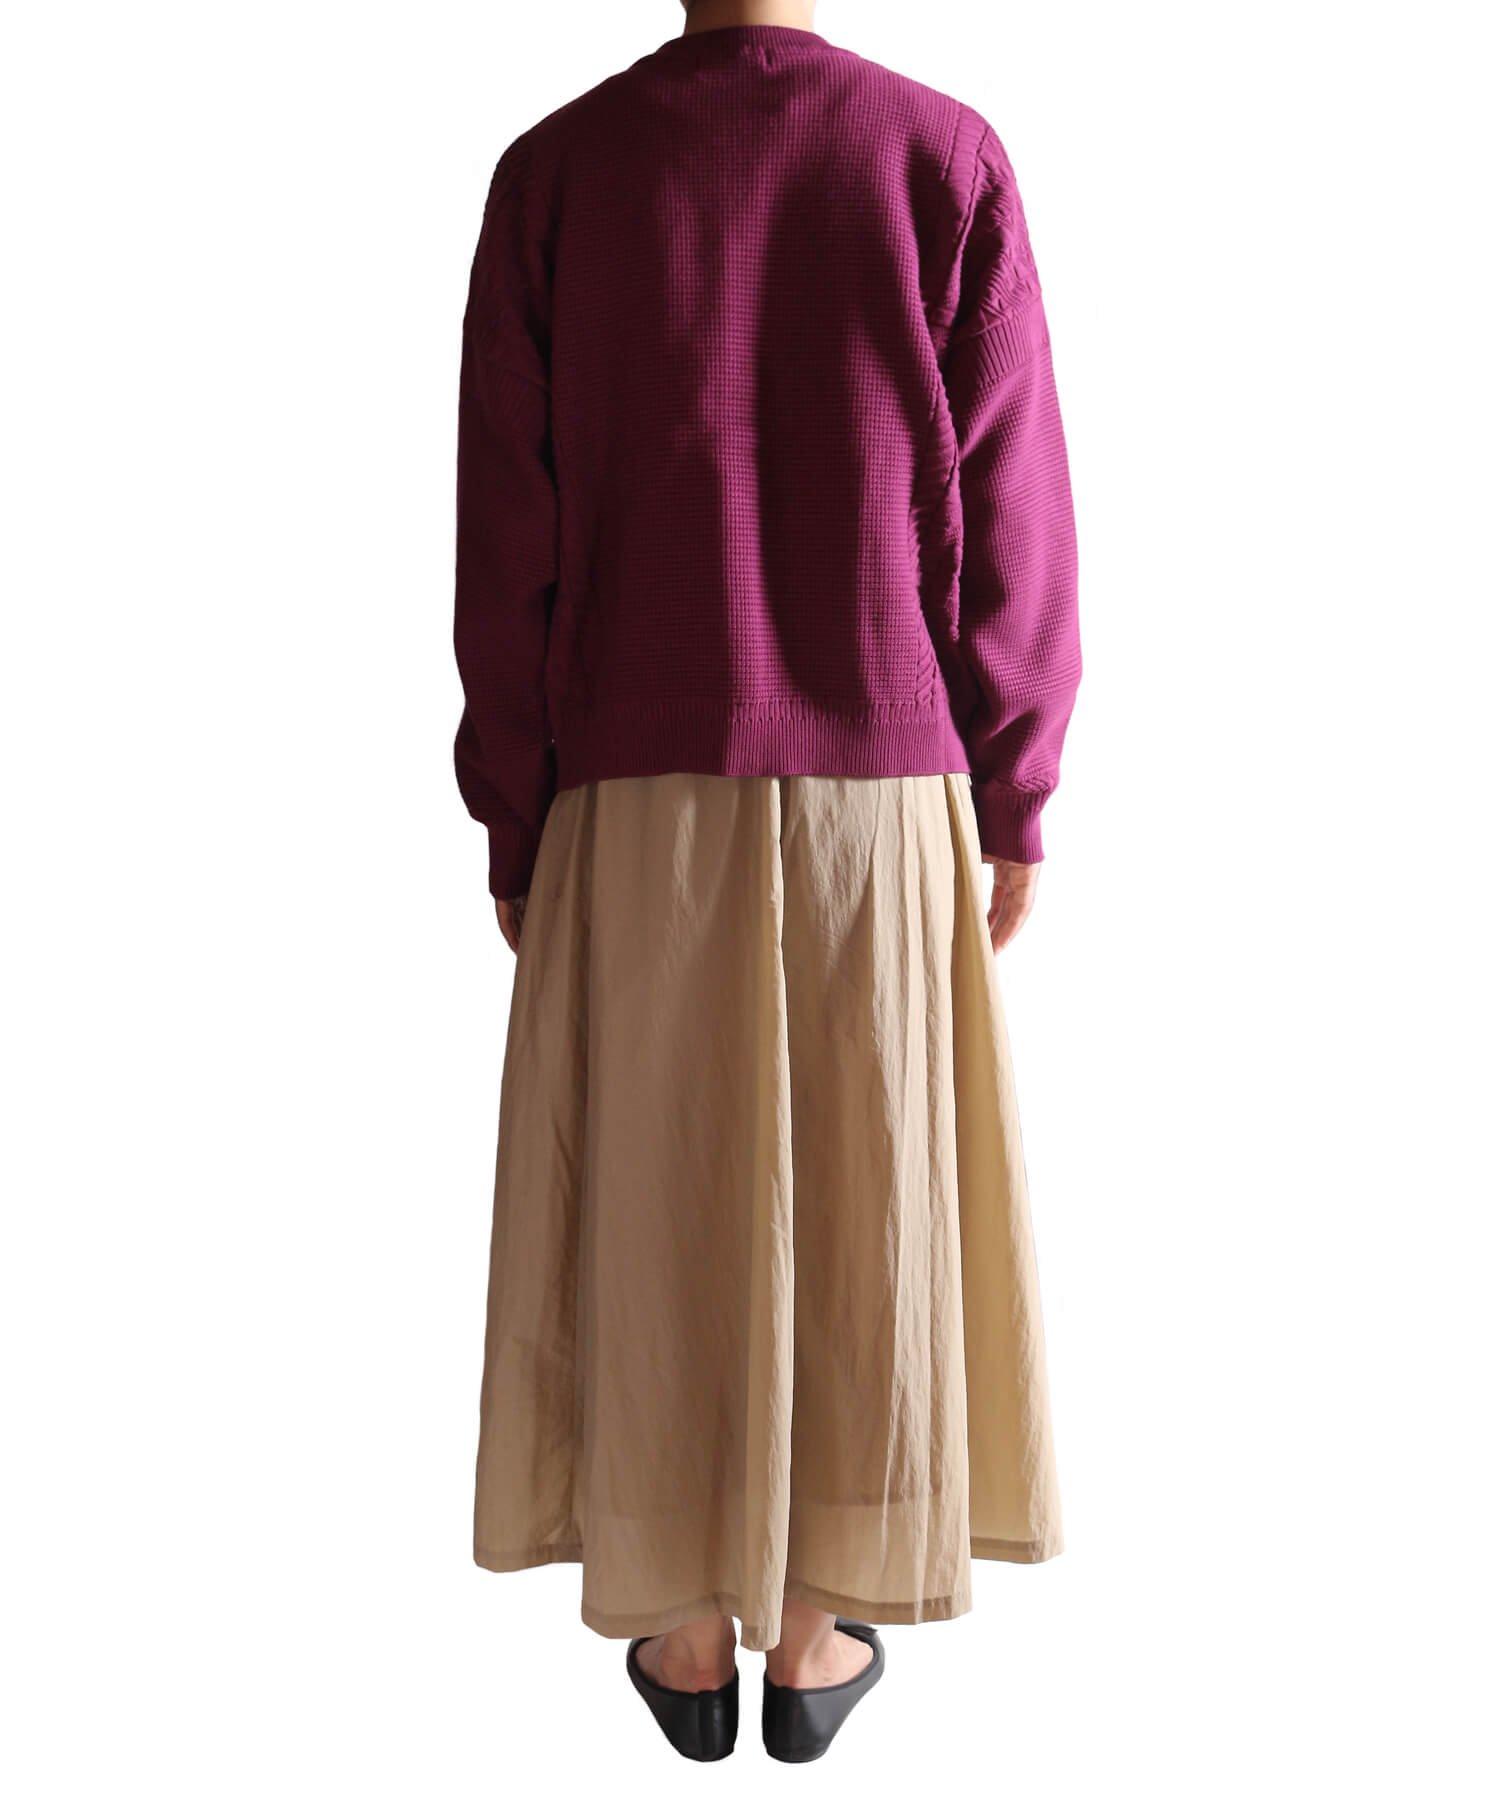 YASHIKI / ヤシキ  YASHIKI / ヤシキ × SIDEMILITIA inc. / サイドミリティア  SHIGURE CARDIGAN (LIMITED PURPLE/WOMEN'S) 商品画像17